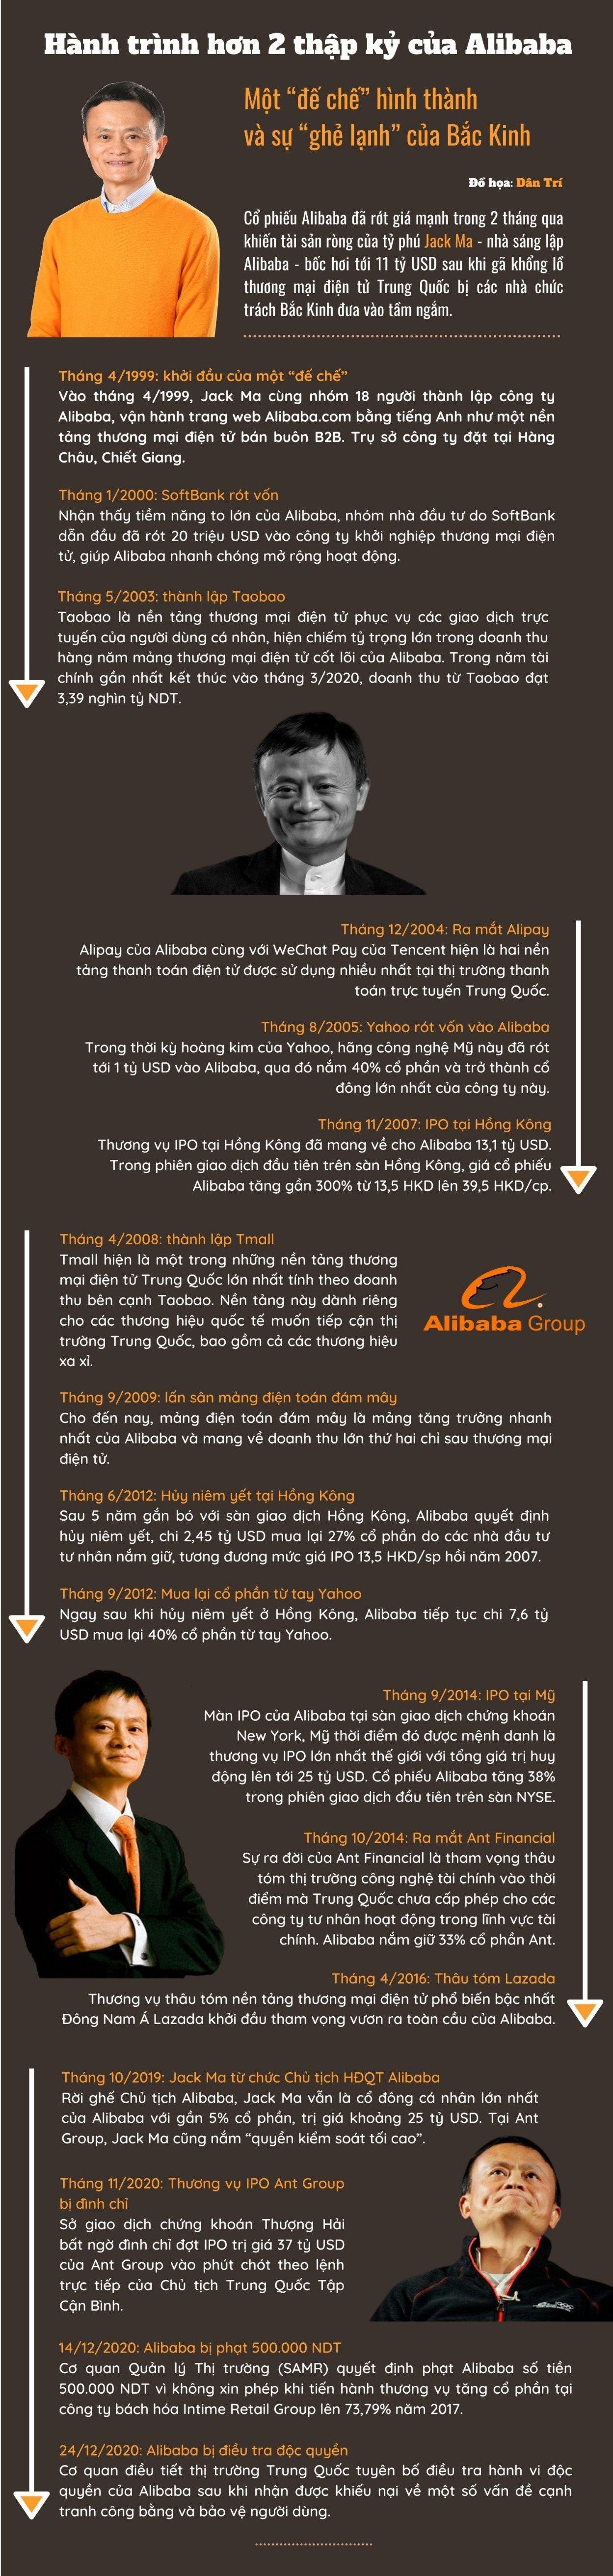 Jack Ma biến mất, Alibaba ngấm đòn và lời cảnh tỉnh từ Bắc Kinh - 5